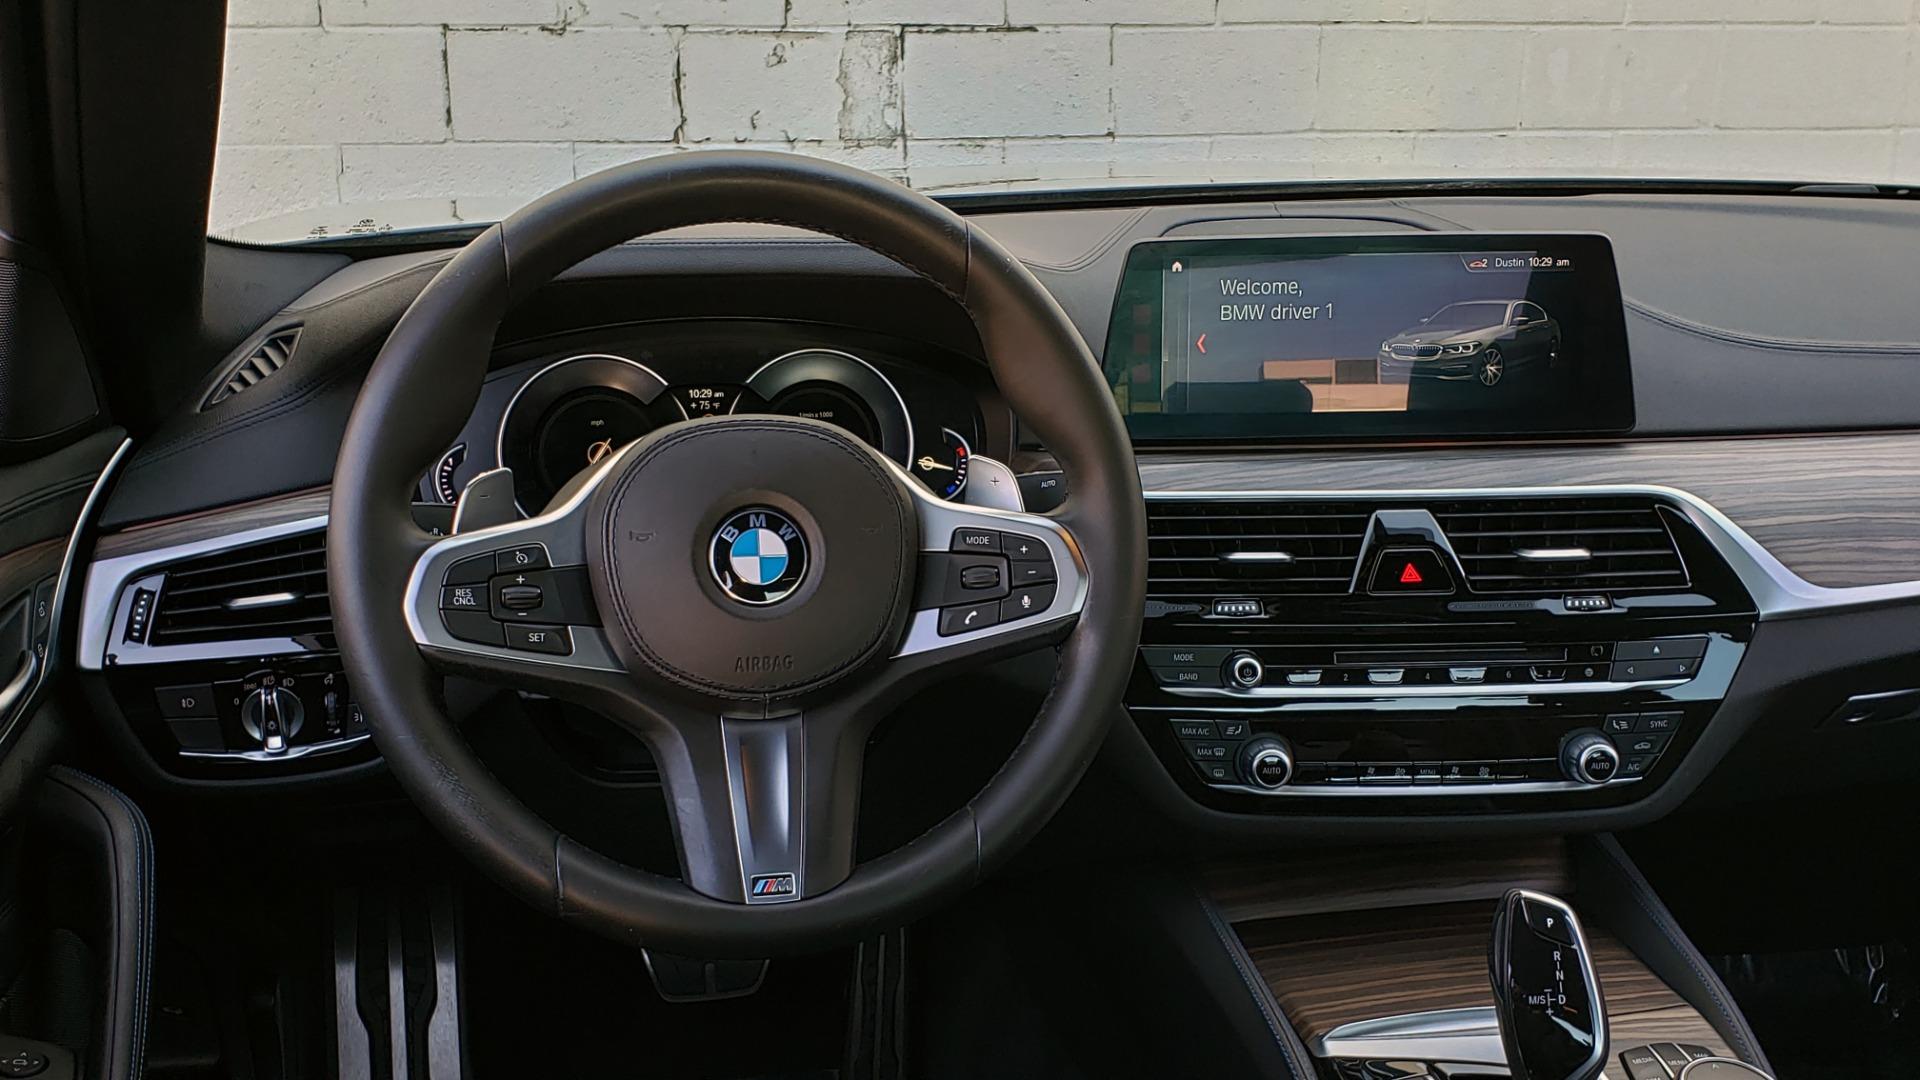 Used 2017 BMW 5 SERIES 530I M-SPORT / PREM PKG / DRVR ASST / HUD / NAV / REARVIEW for sale $33,995 at Formula Imports in Charlotte NC 28227 43